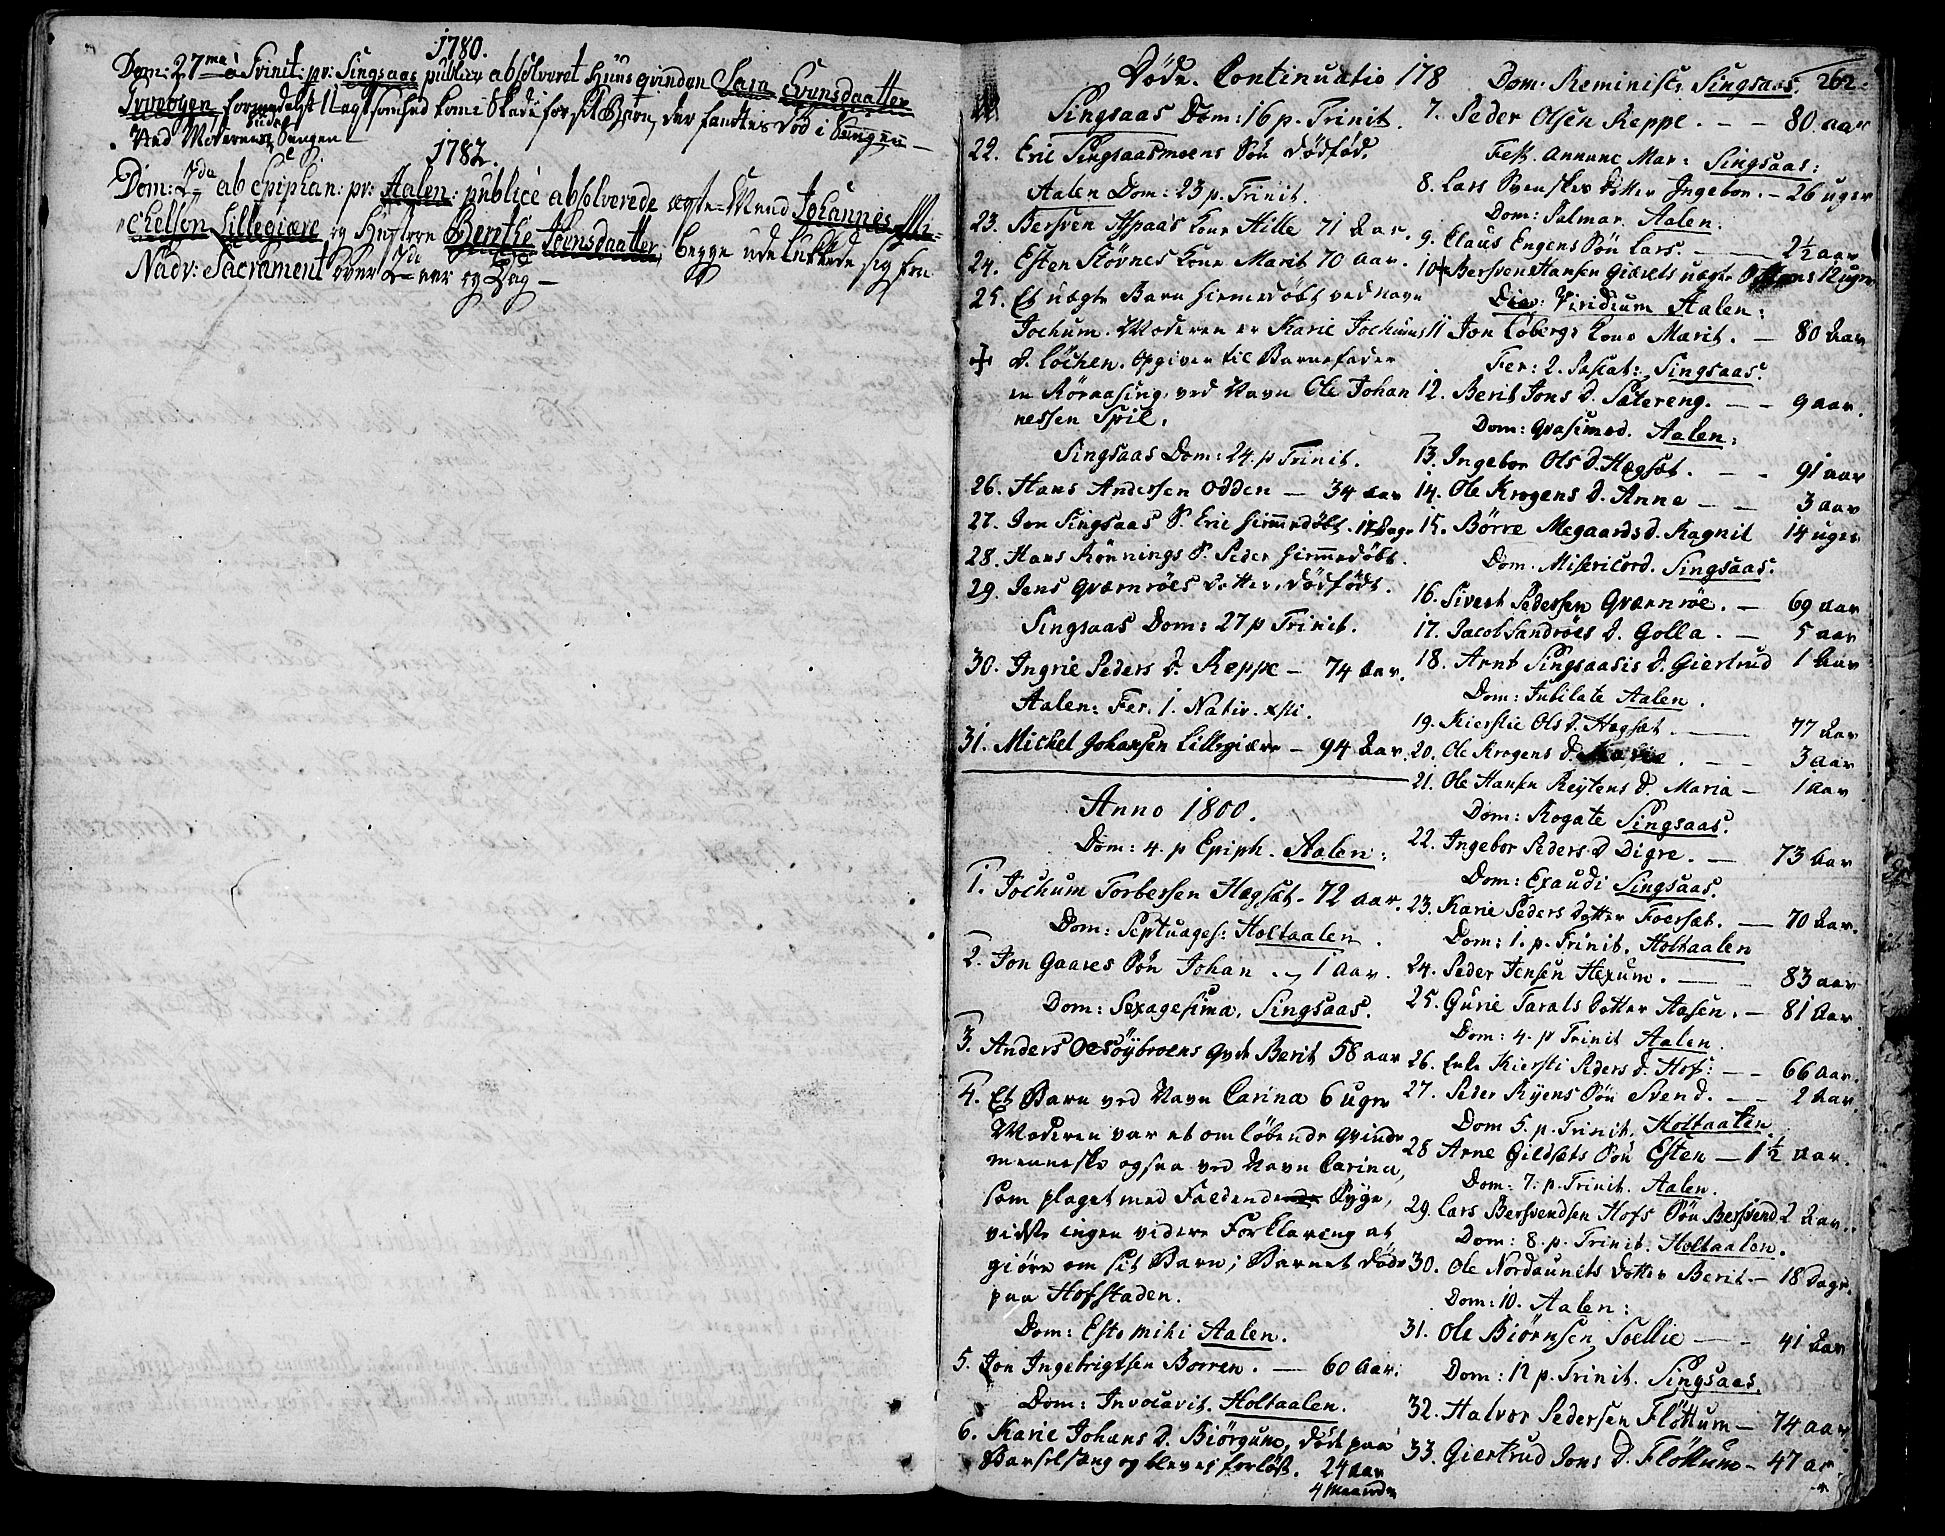 SAT, Ministerialprotokoller, klokkerbøker og fødselsregistre - Sør-Trøndelag, 685/L0952: Ministerialbok nr. 685A01, 1745-1804, s. 262